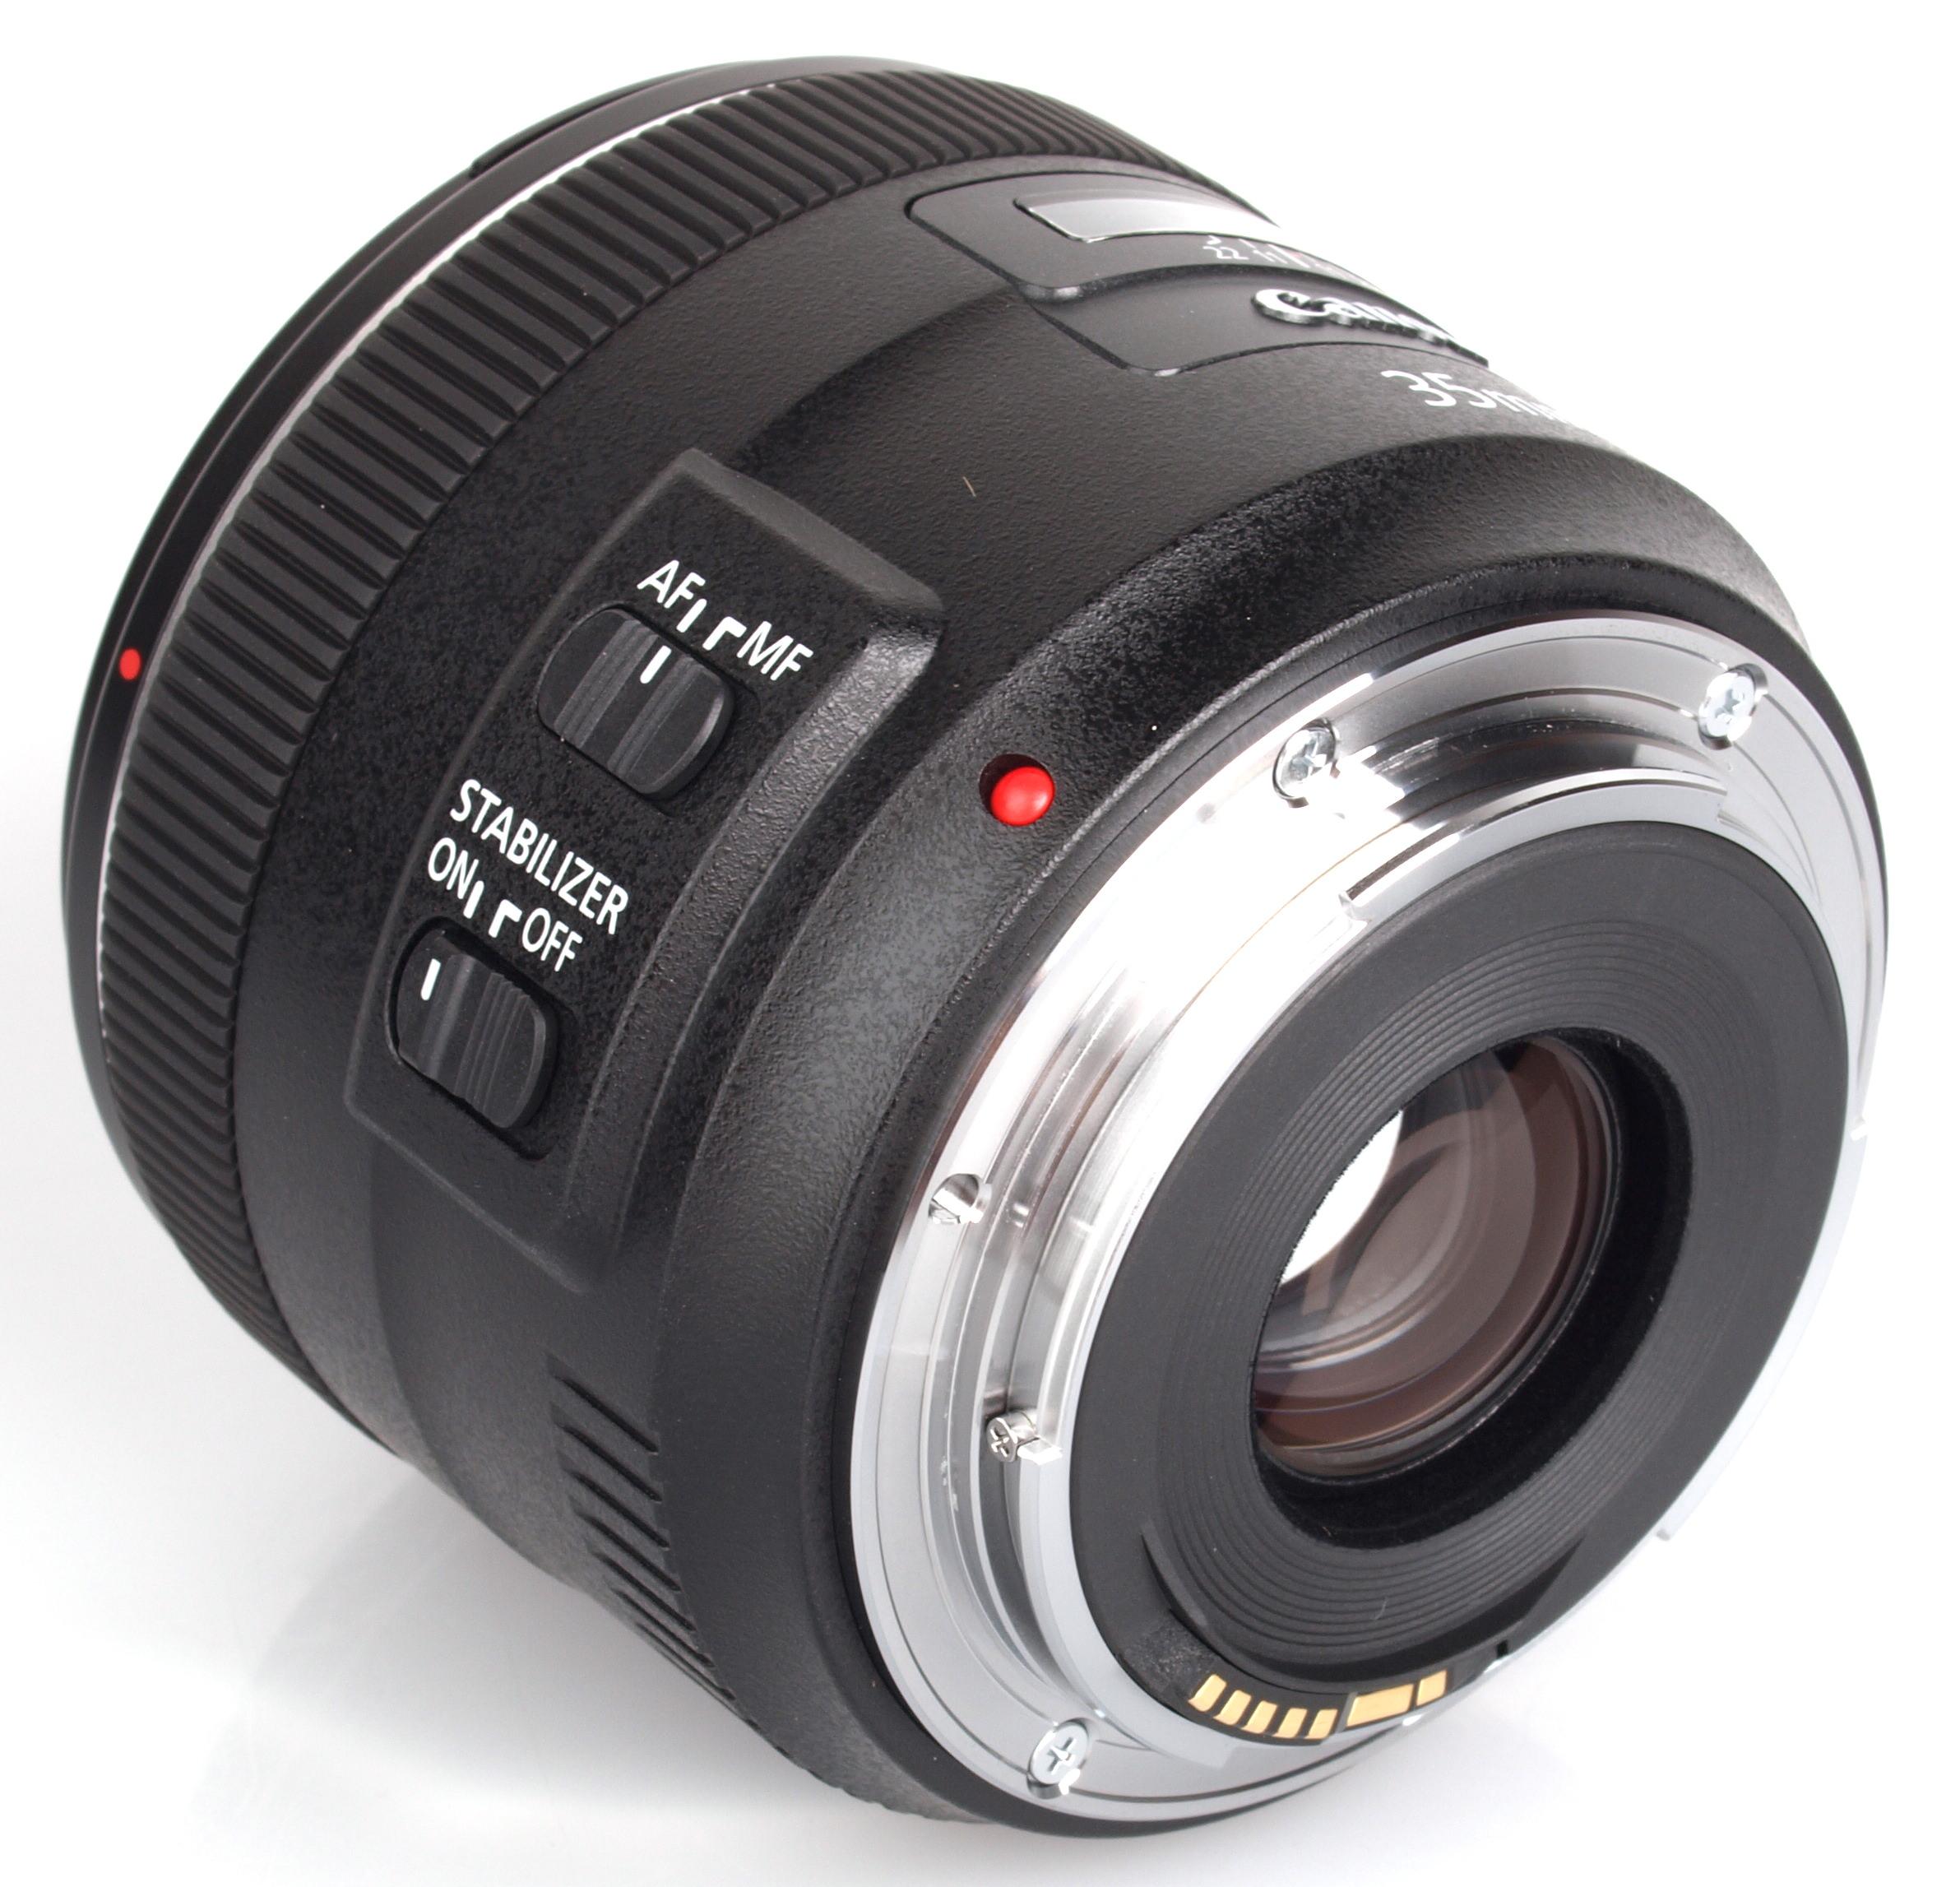 canon ef 35mm f 2 is usm lens review. Black Bedroom Furniture Sets. Home Design Ideas